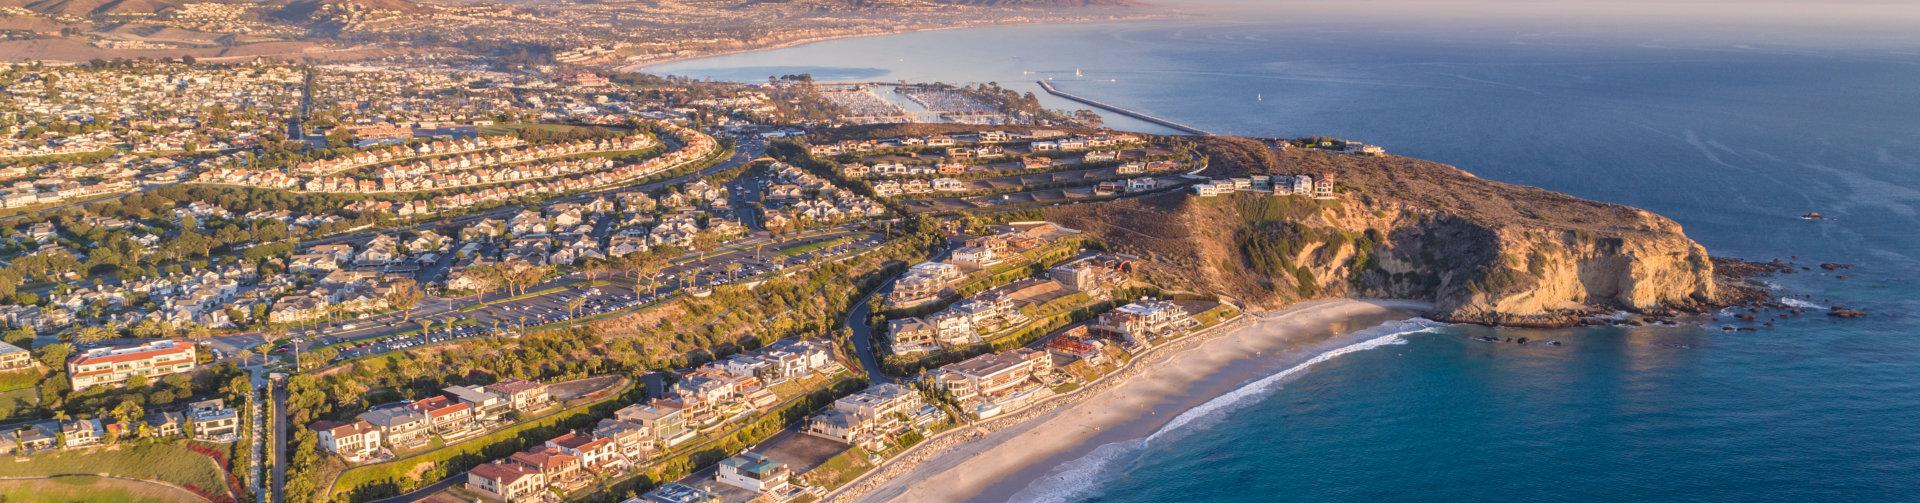 california-coast-dana-point